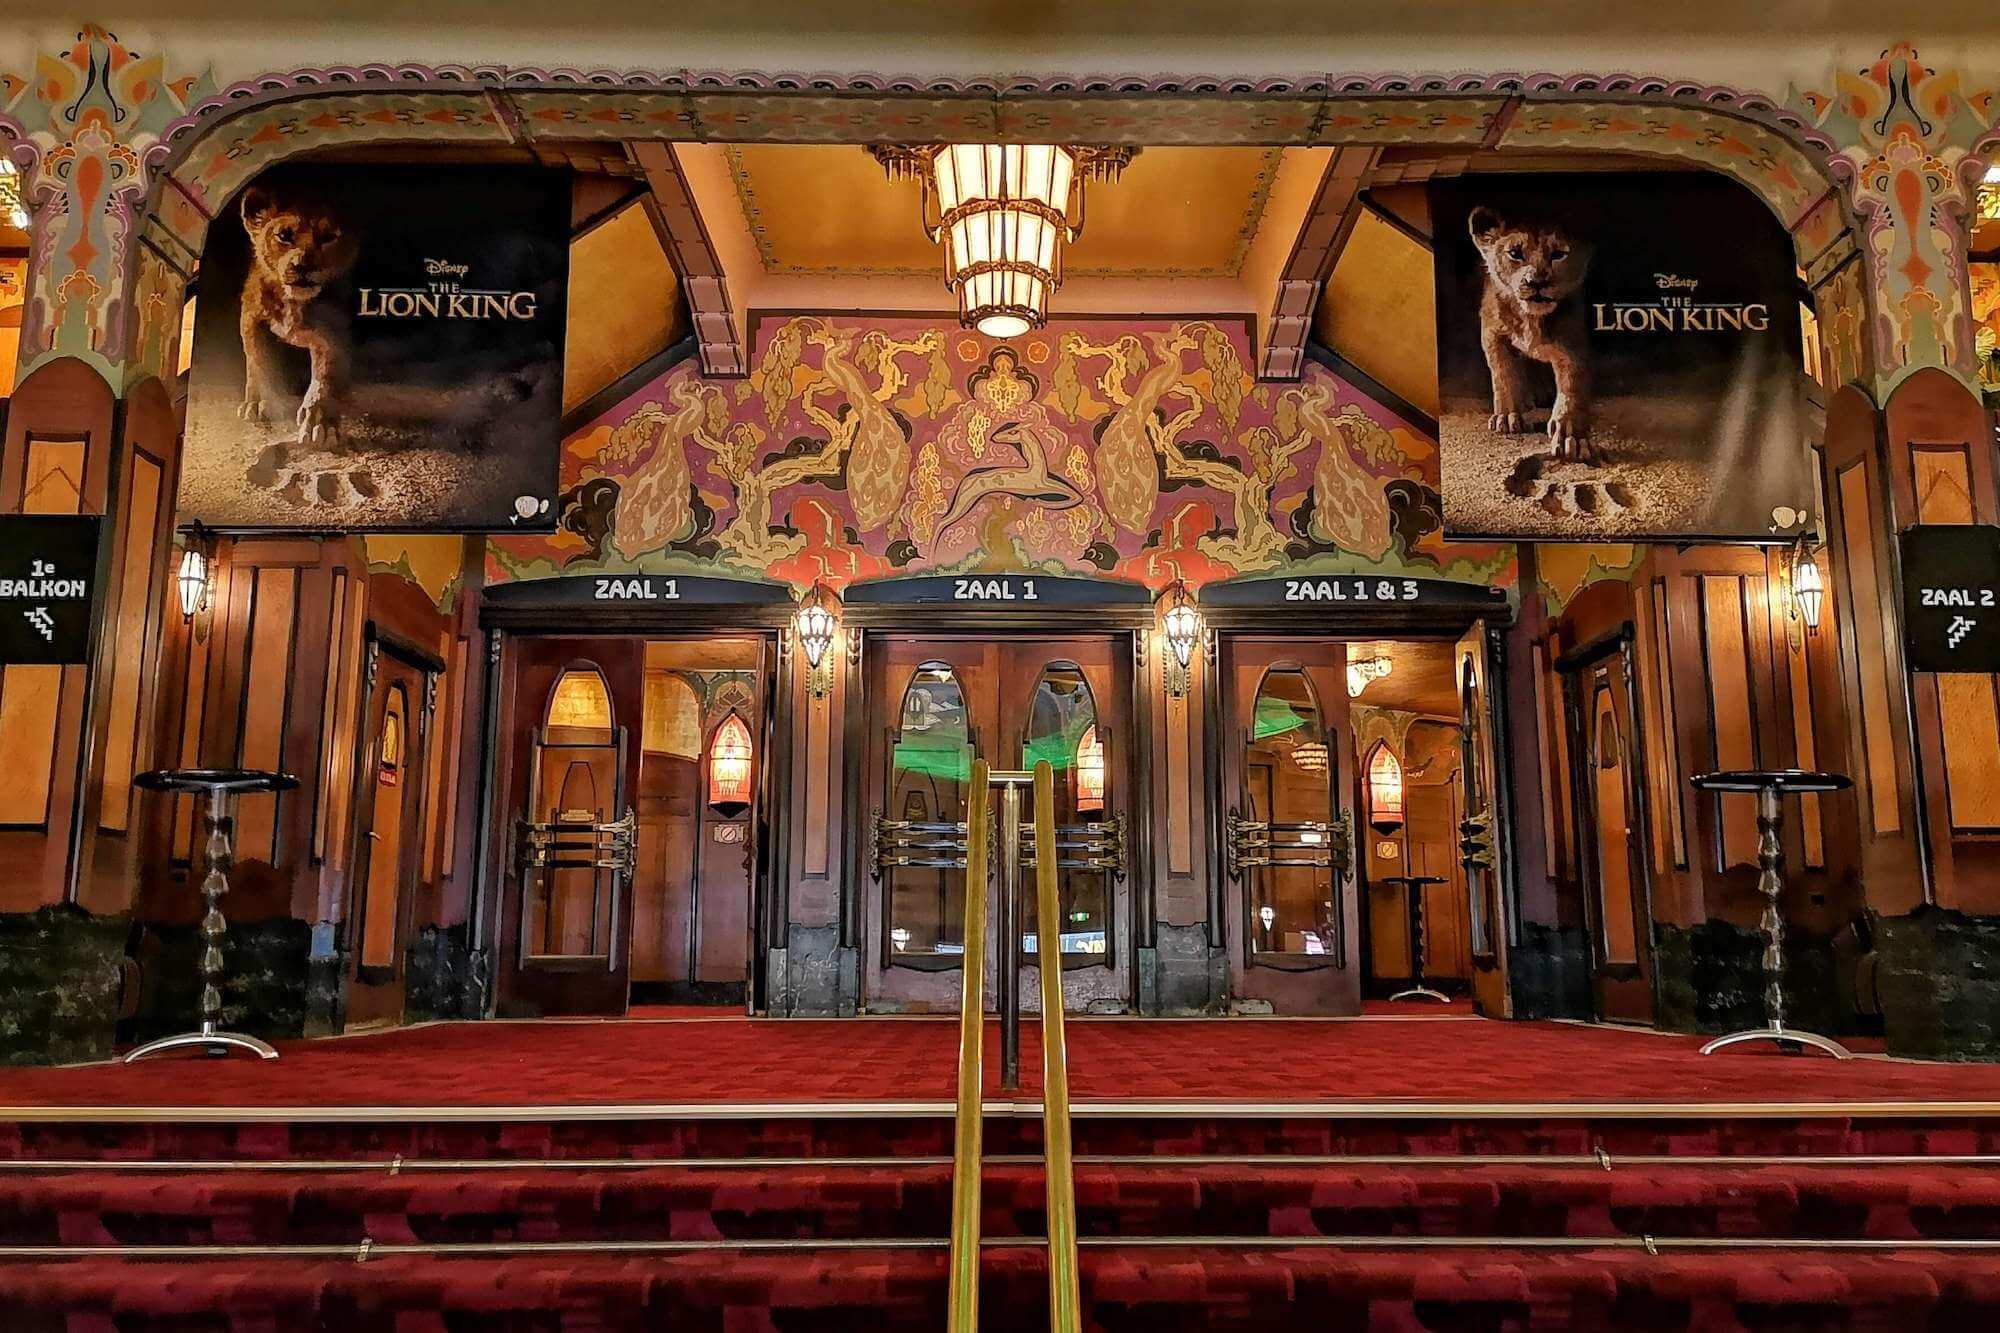 Eines der schönsten Gebäude in ganz Amsterdam ist wohl das Tuschinski-Theater in der Reguliersbreestraat. Ein Einblick in Geschichte und Architektur